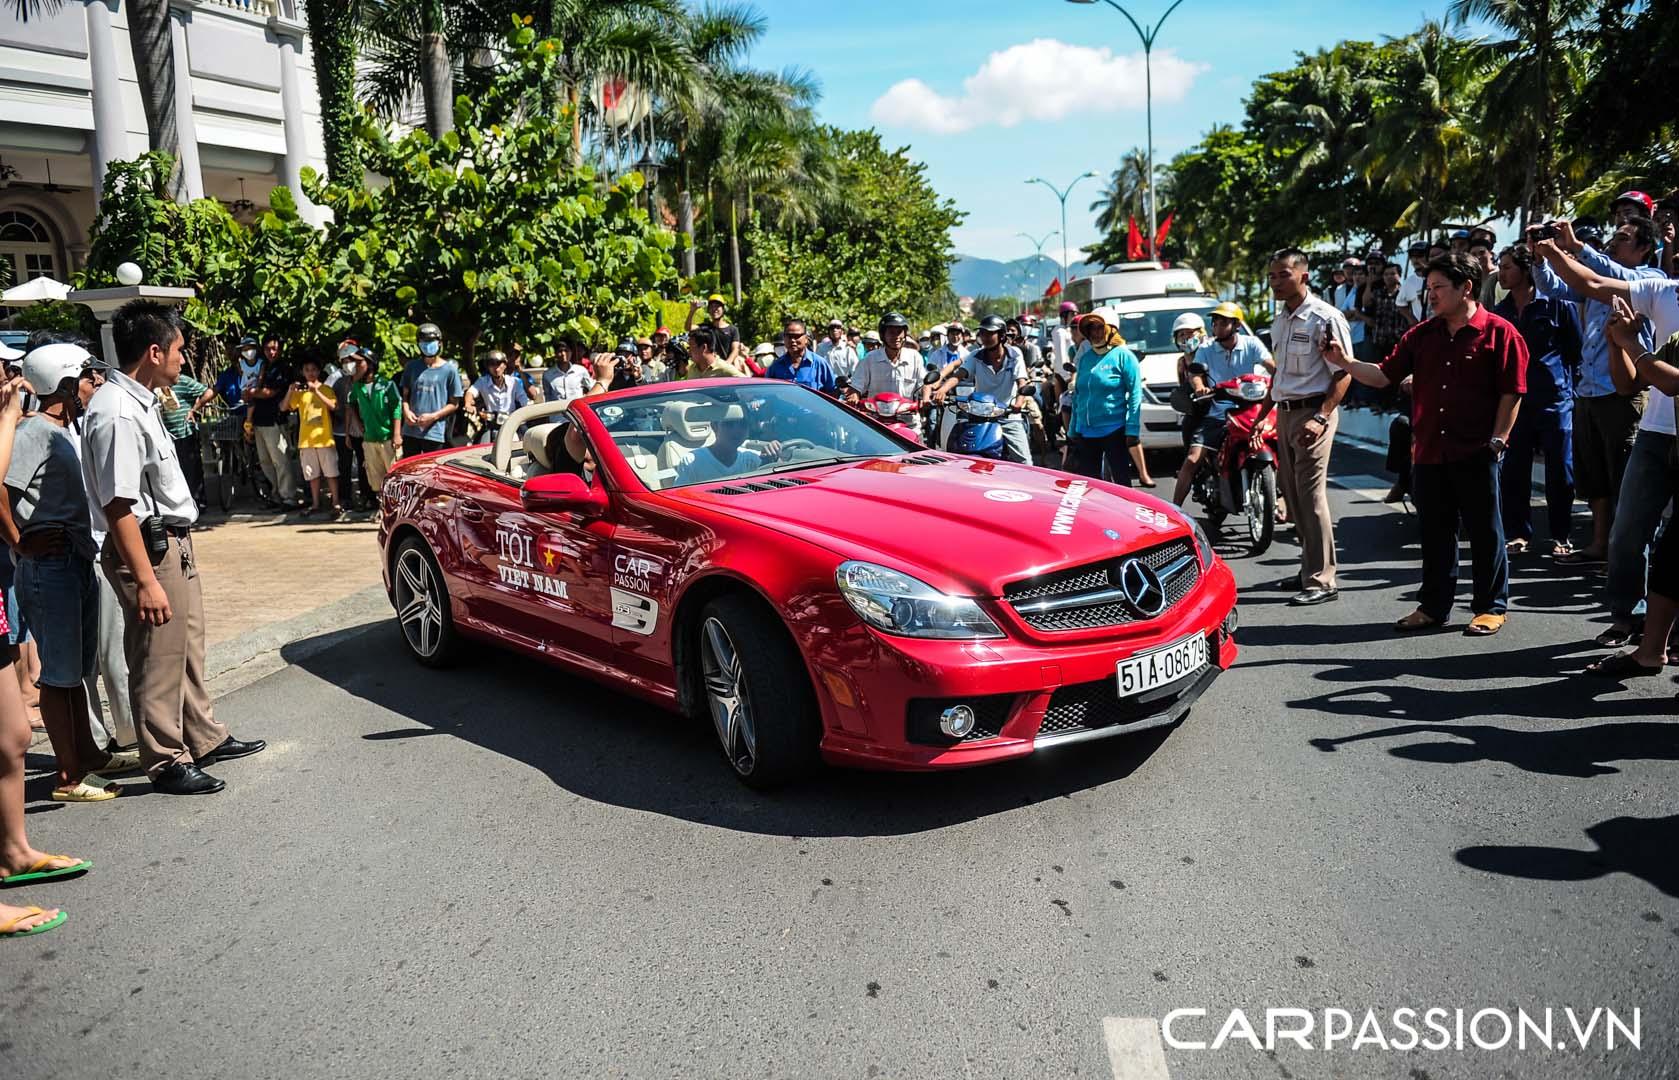 CP-Hành trình siêu xe CarPassion 2011 Day 3 (29).jpg